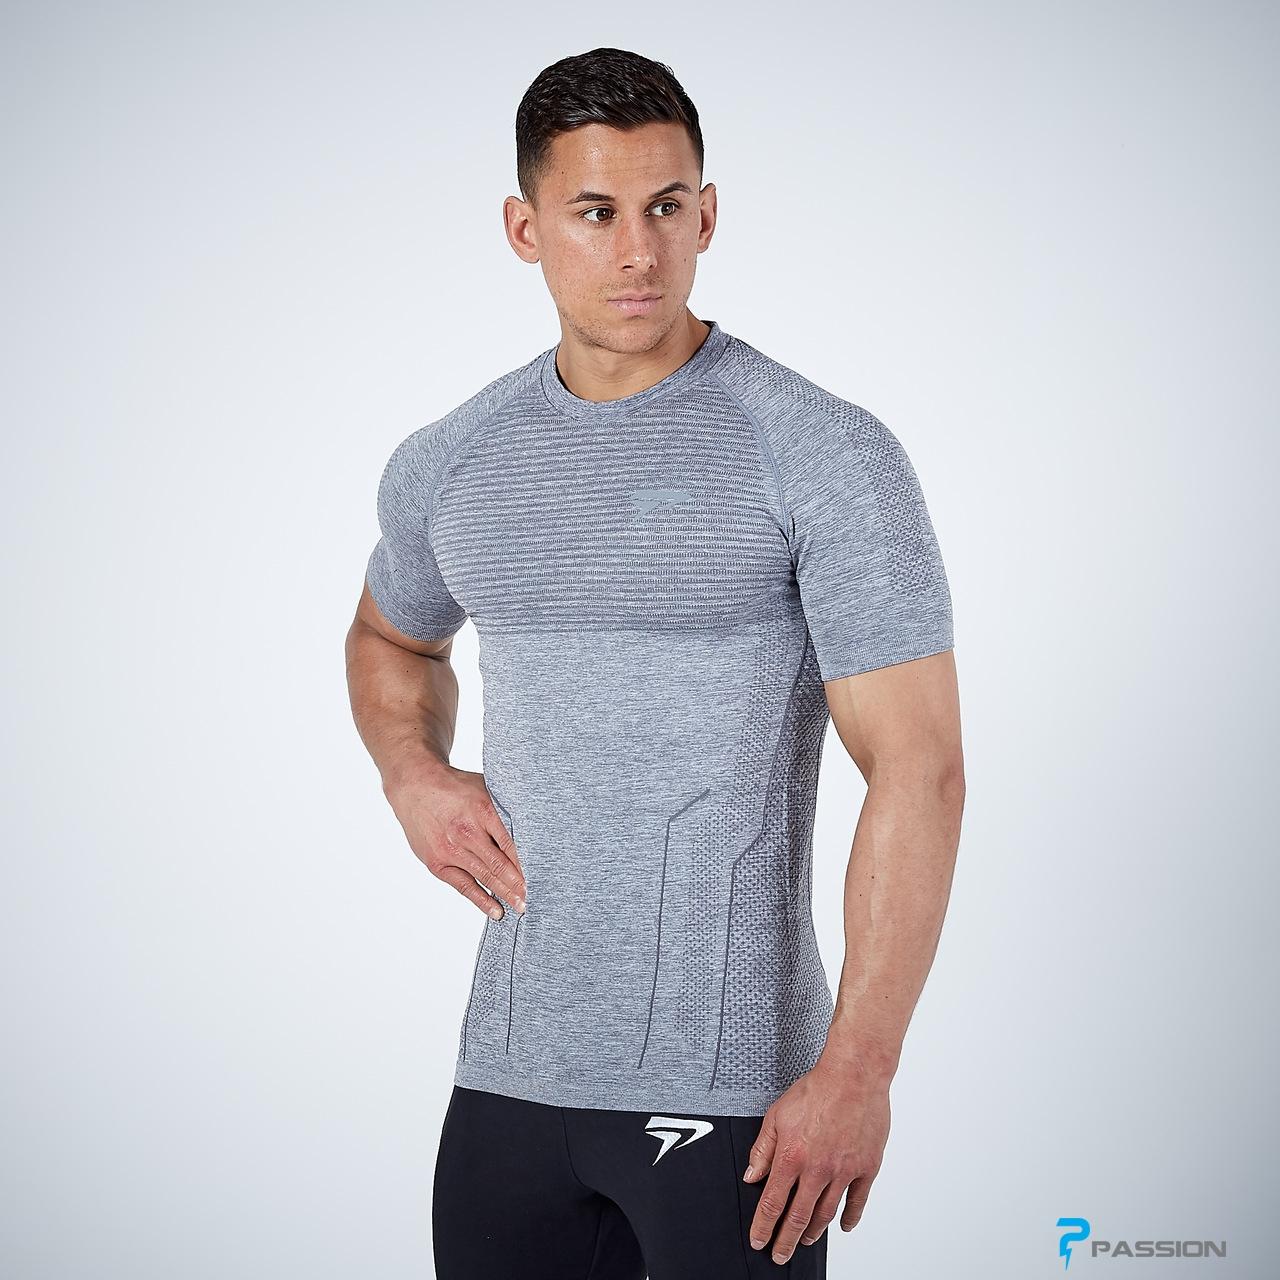 Áo thun body tập gym cho nam Physiq A58 (màu xám)